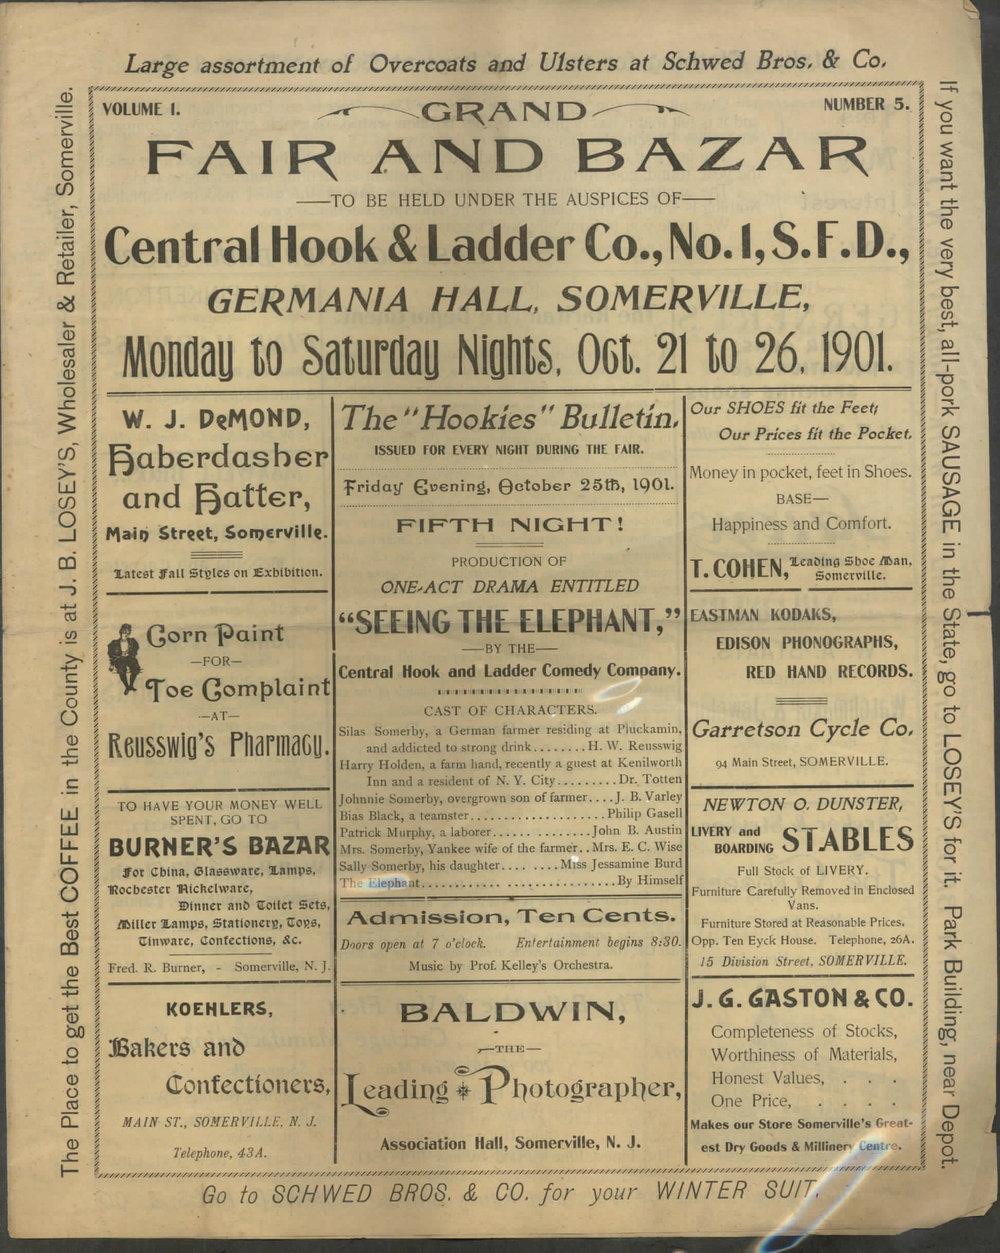 Fair & Bazar.ad_Page_1_Image_0001.jpg